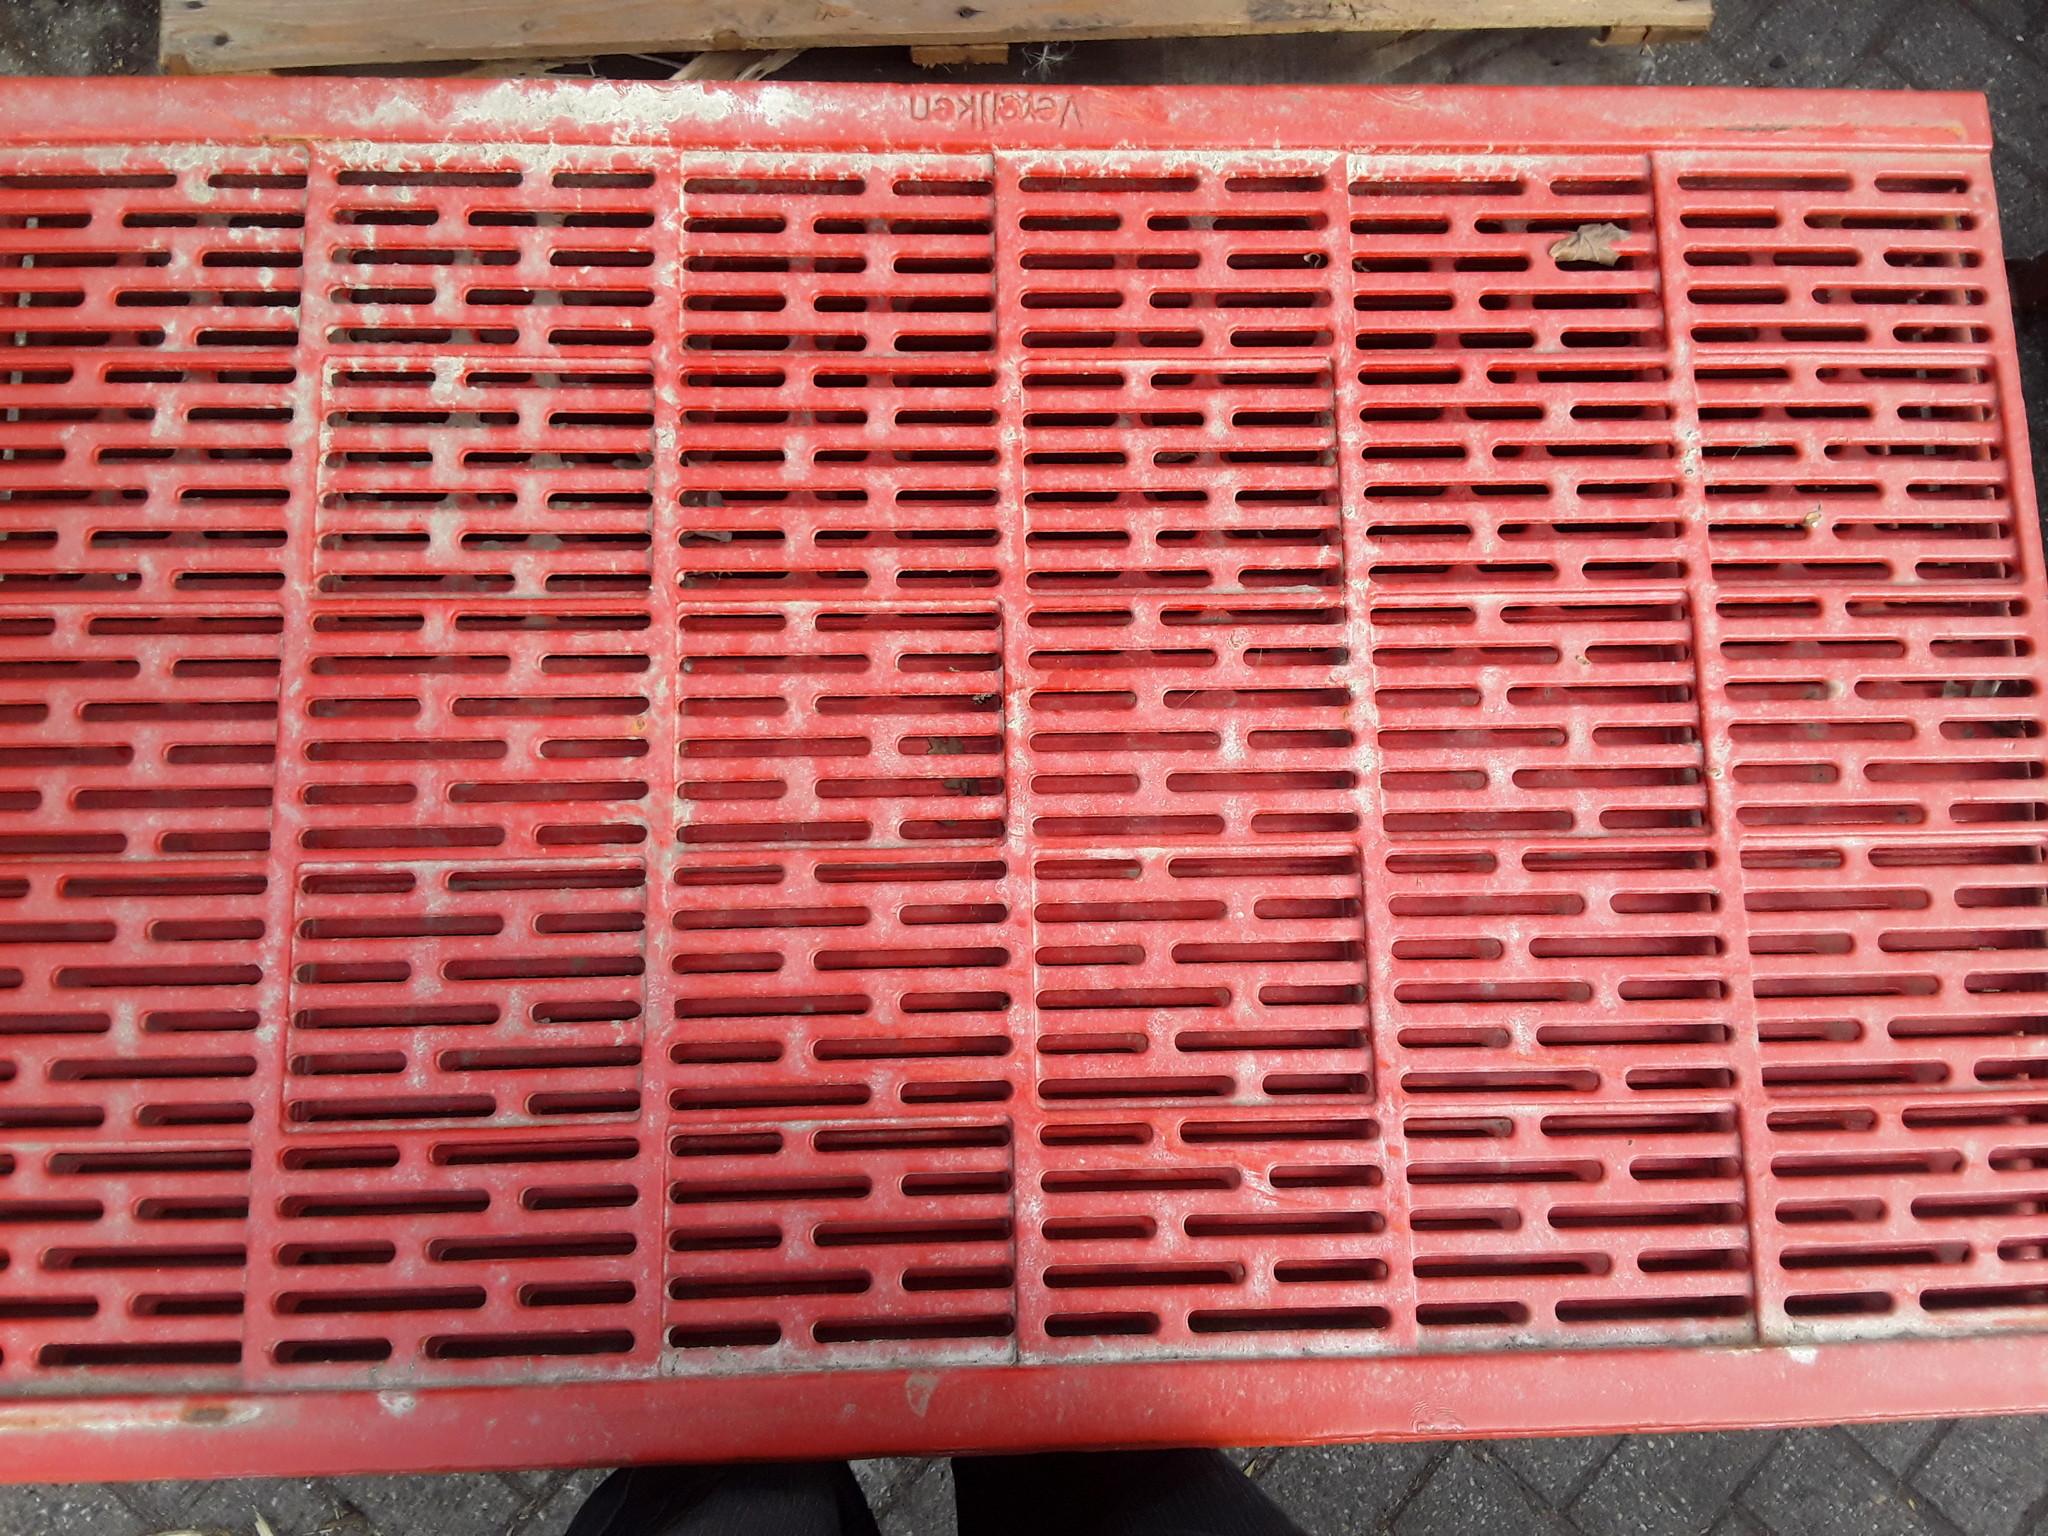 Gietijzeren rooster 1000x635 hoekopleg (open)